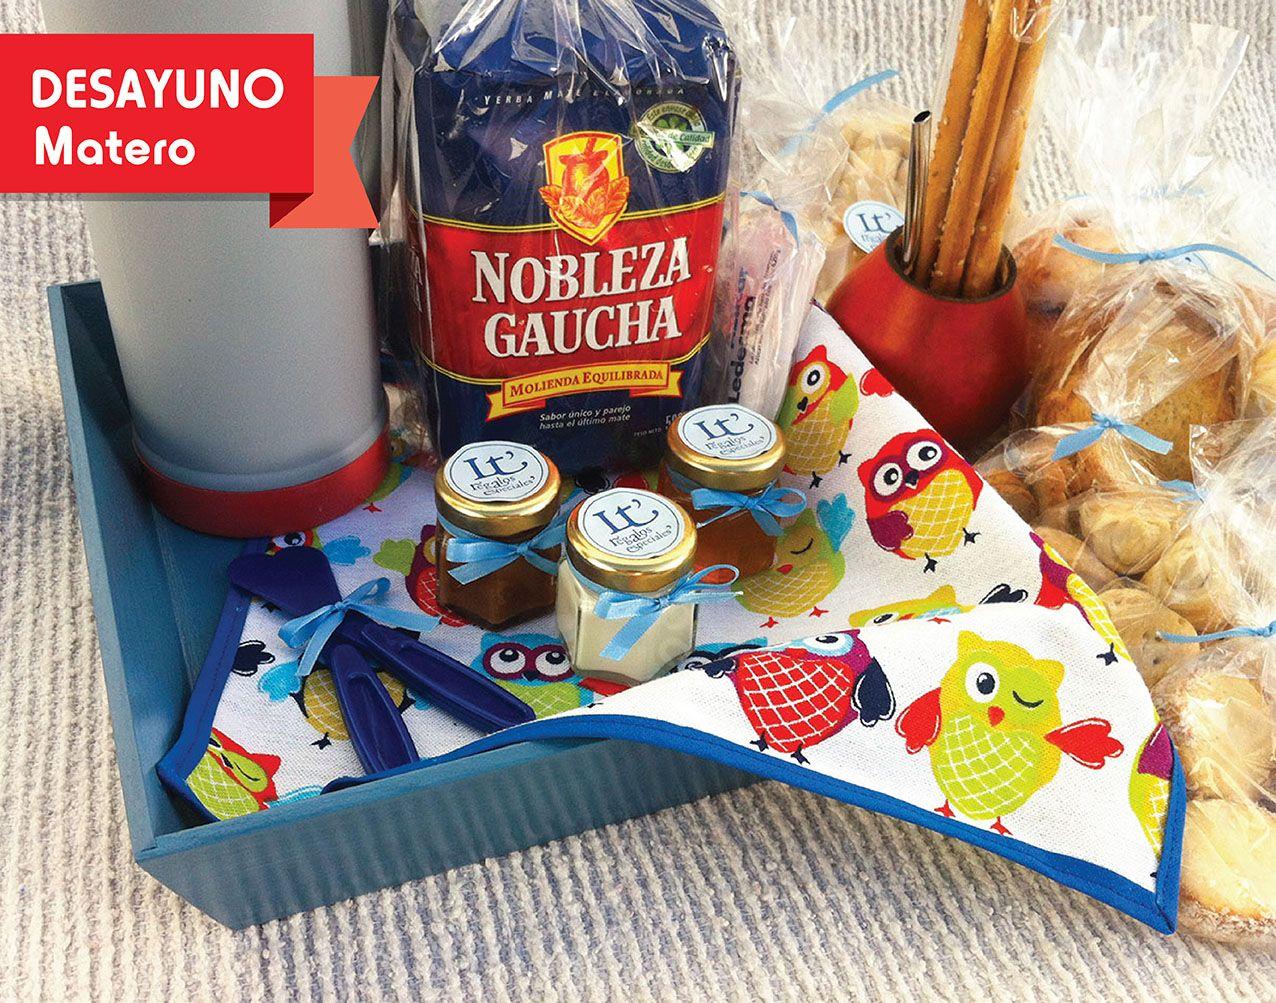 Desayunos a domicilio originales y artesanales 350 lt para regalar pinterest souvenir - Regalar desayuno a domicilio madrid ...